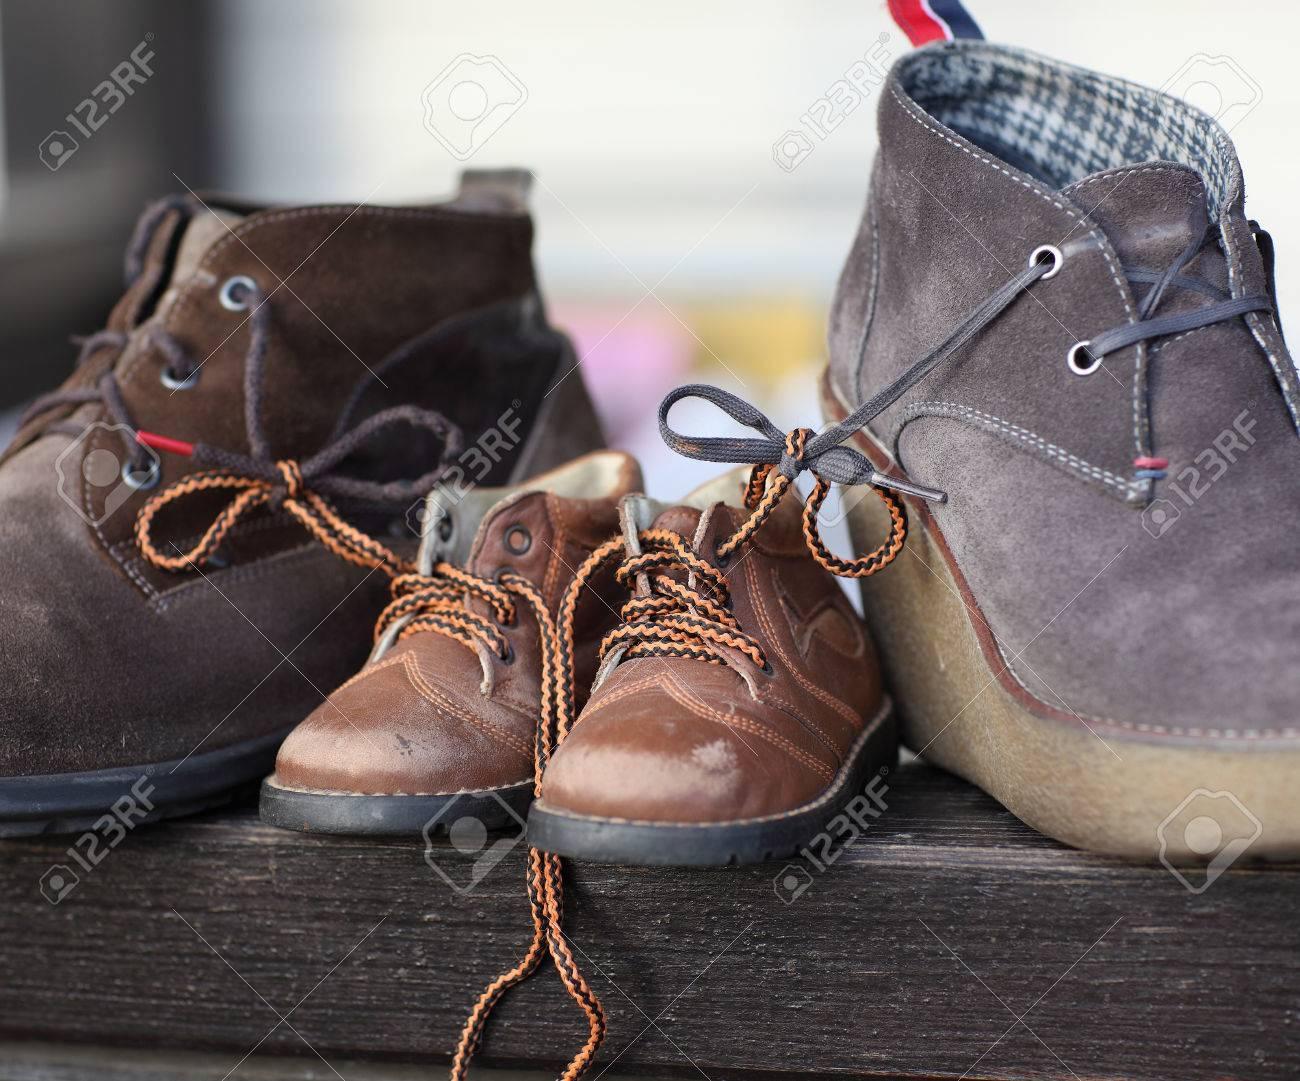 Chaussures Le Ensemble Et Attachés Maman Fils Papa Symbole De B1B4Pxwrq